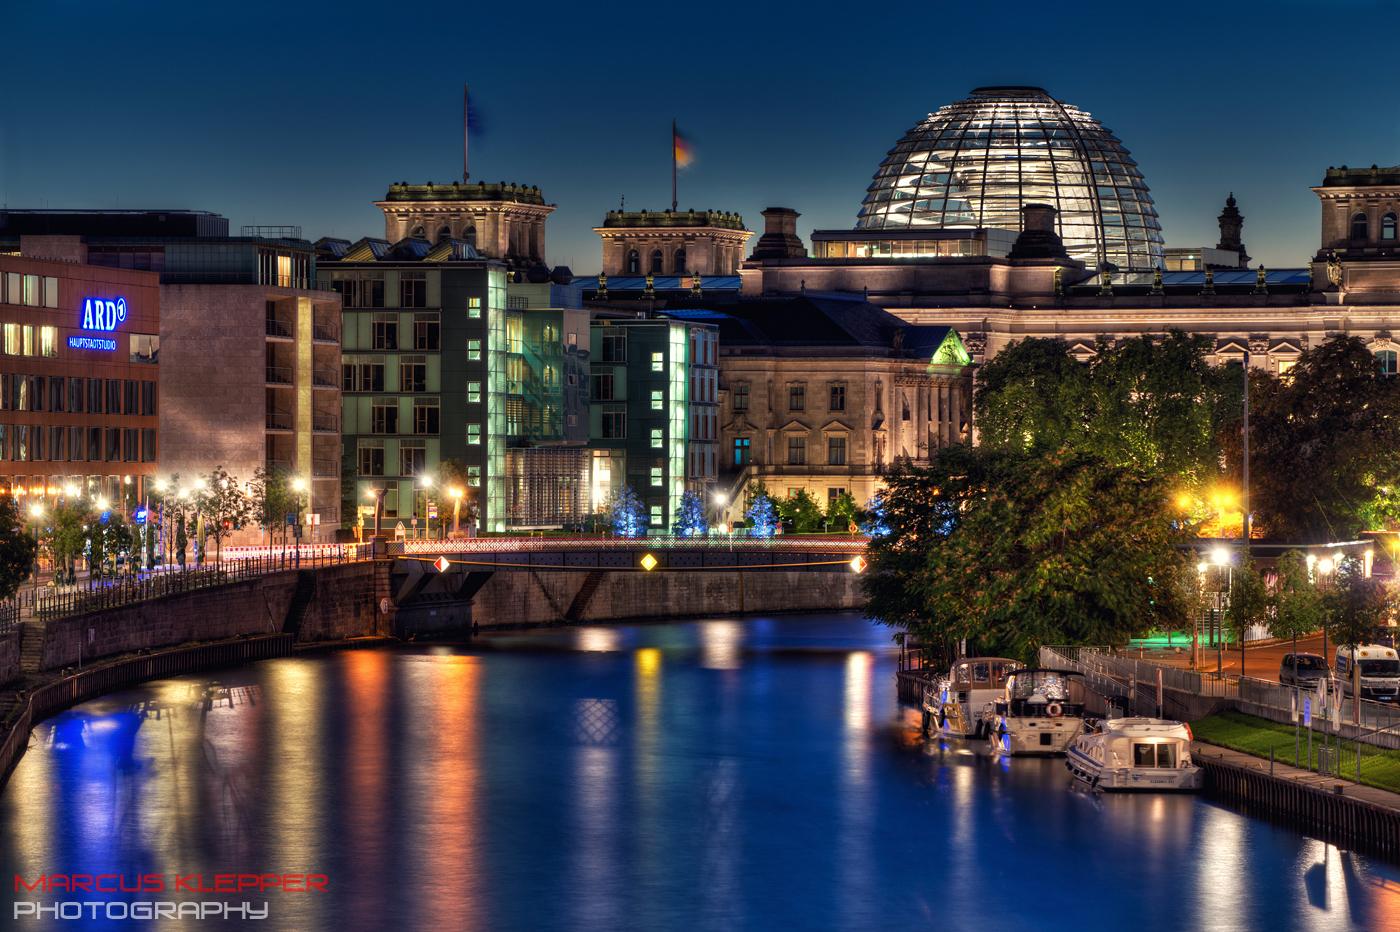 Sonntag Abend in Berlin